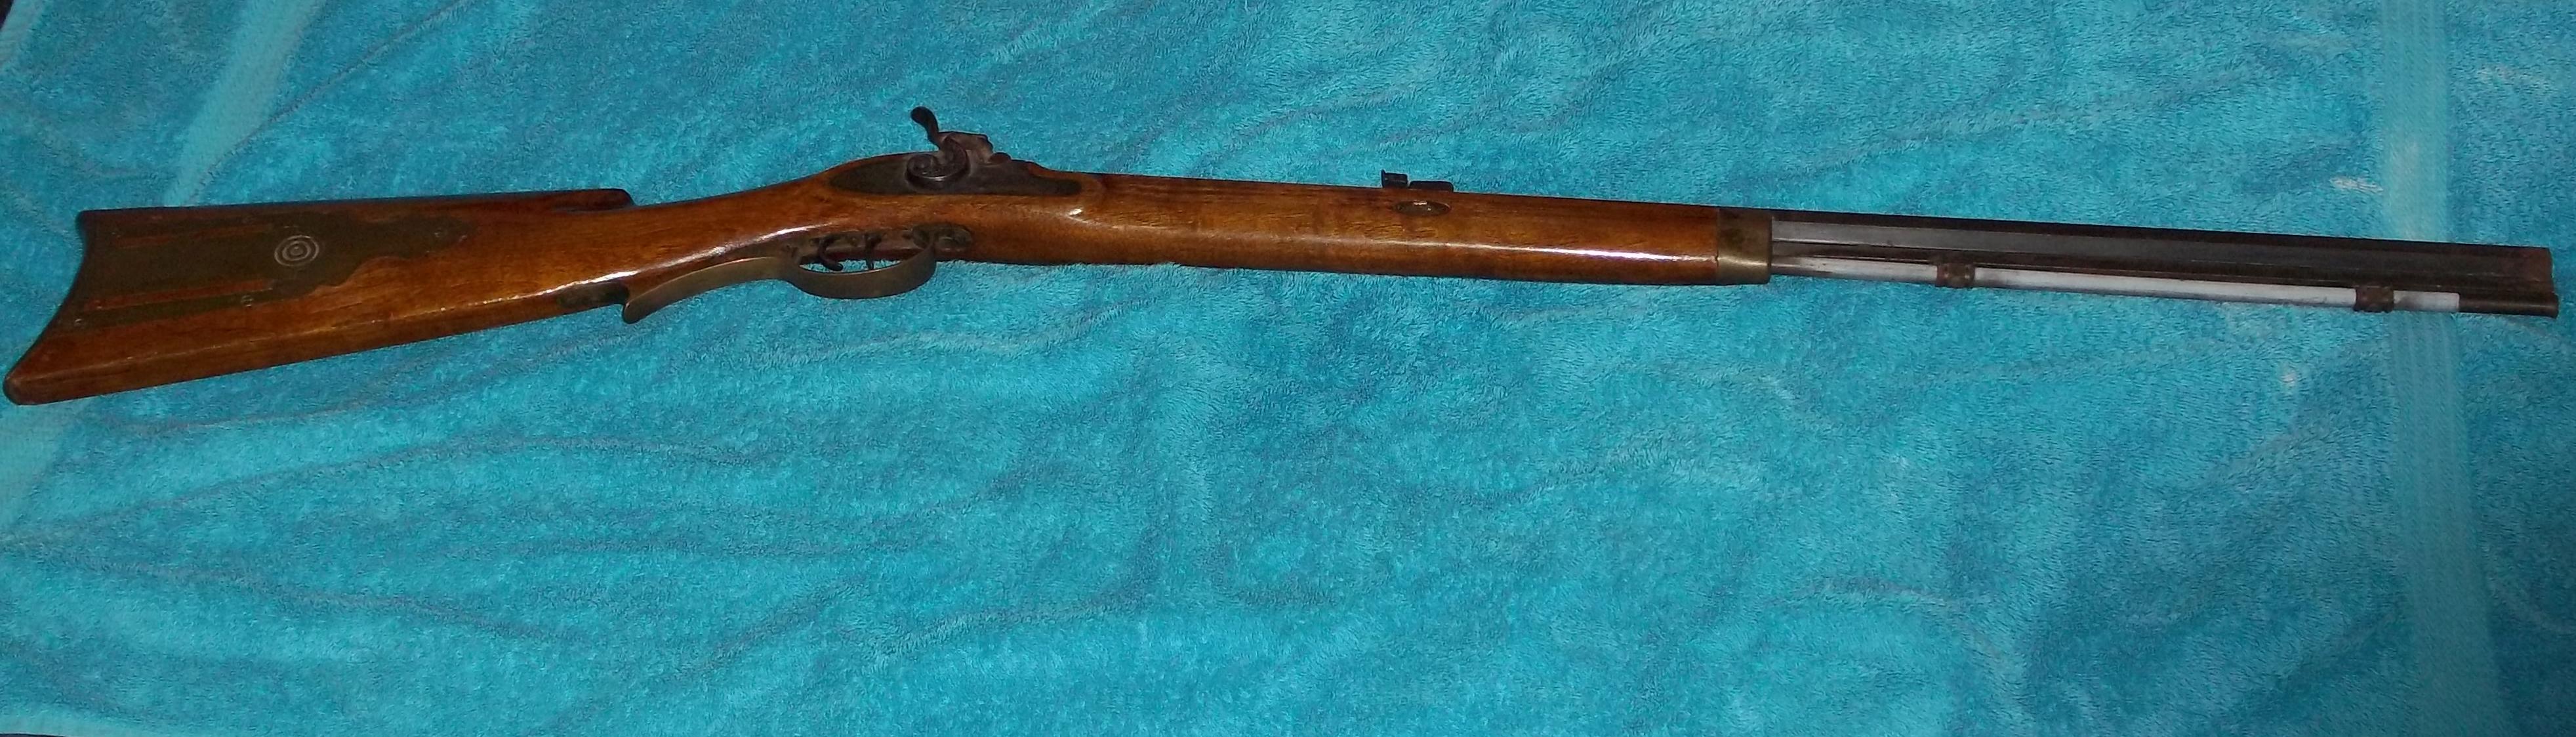 Name:  gun croped.jpg Views: 1328 Size:  656.7 KB